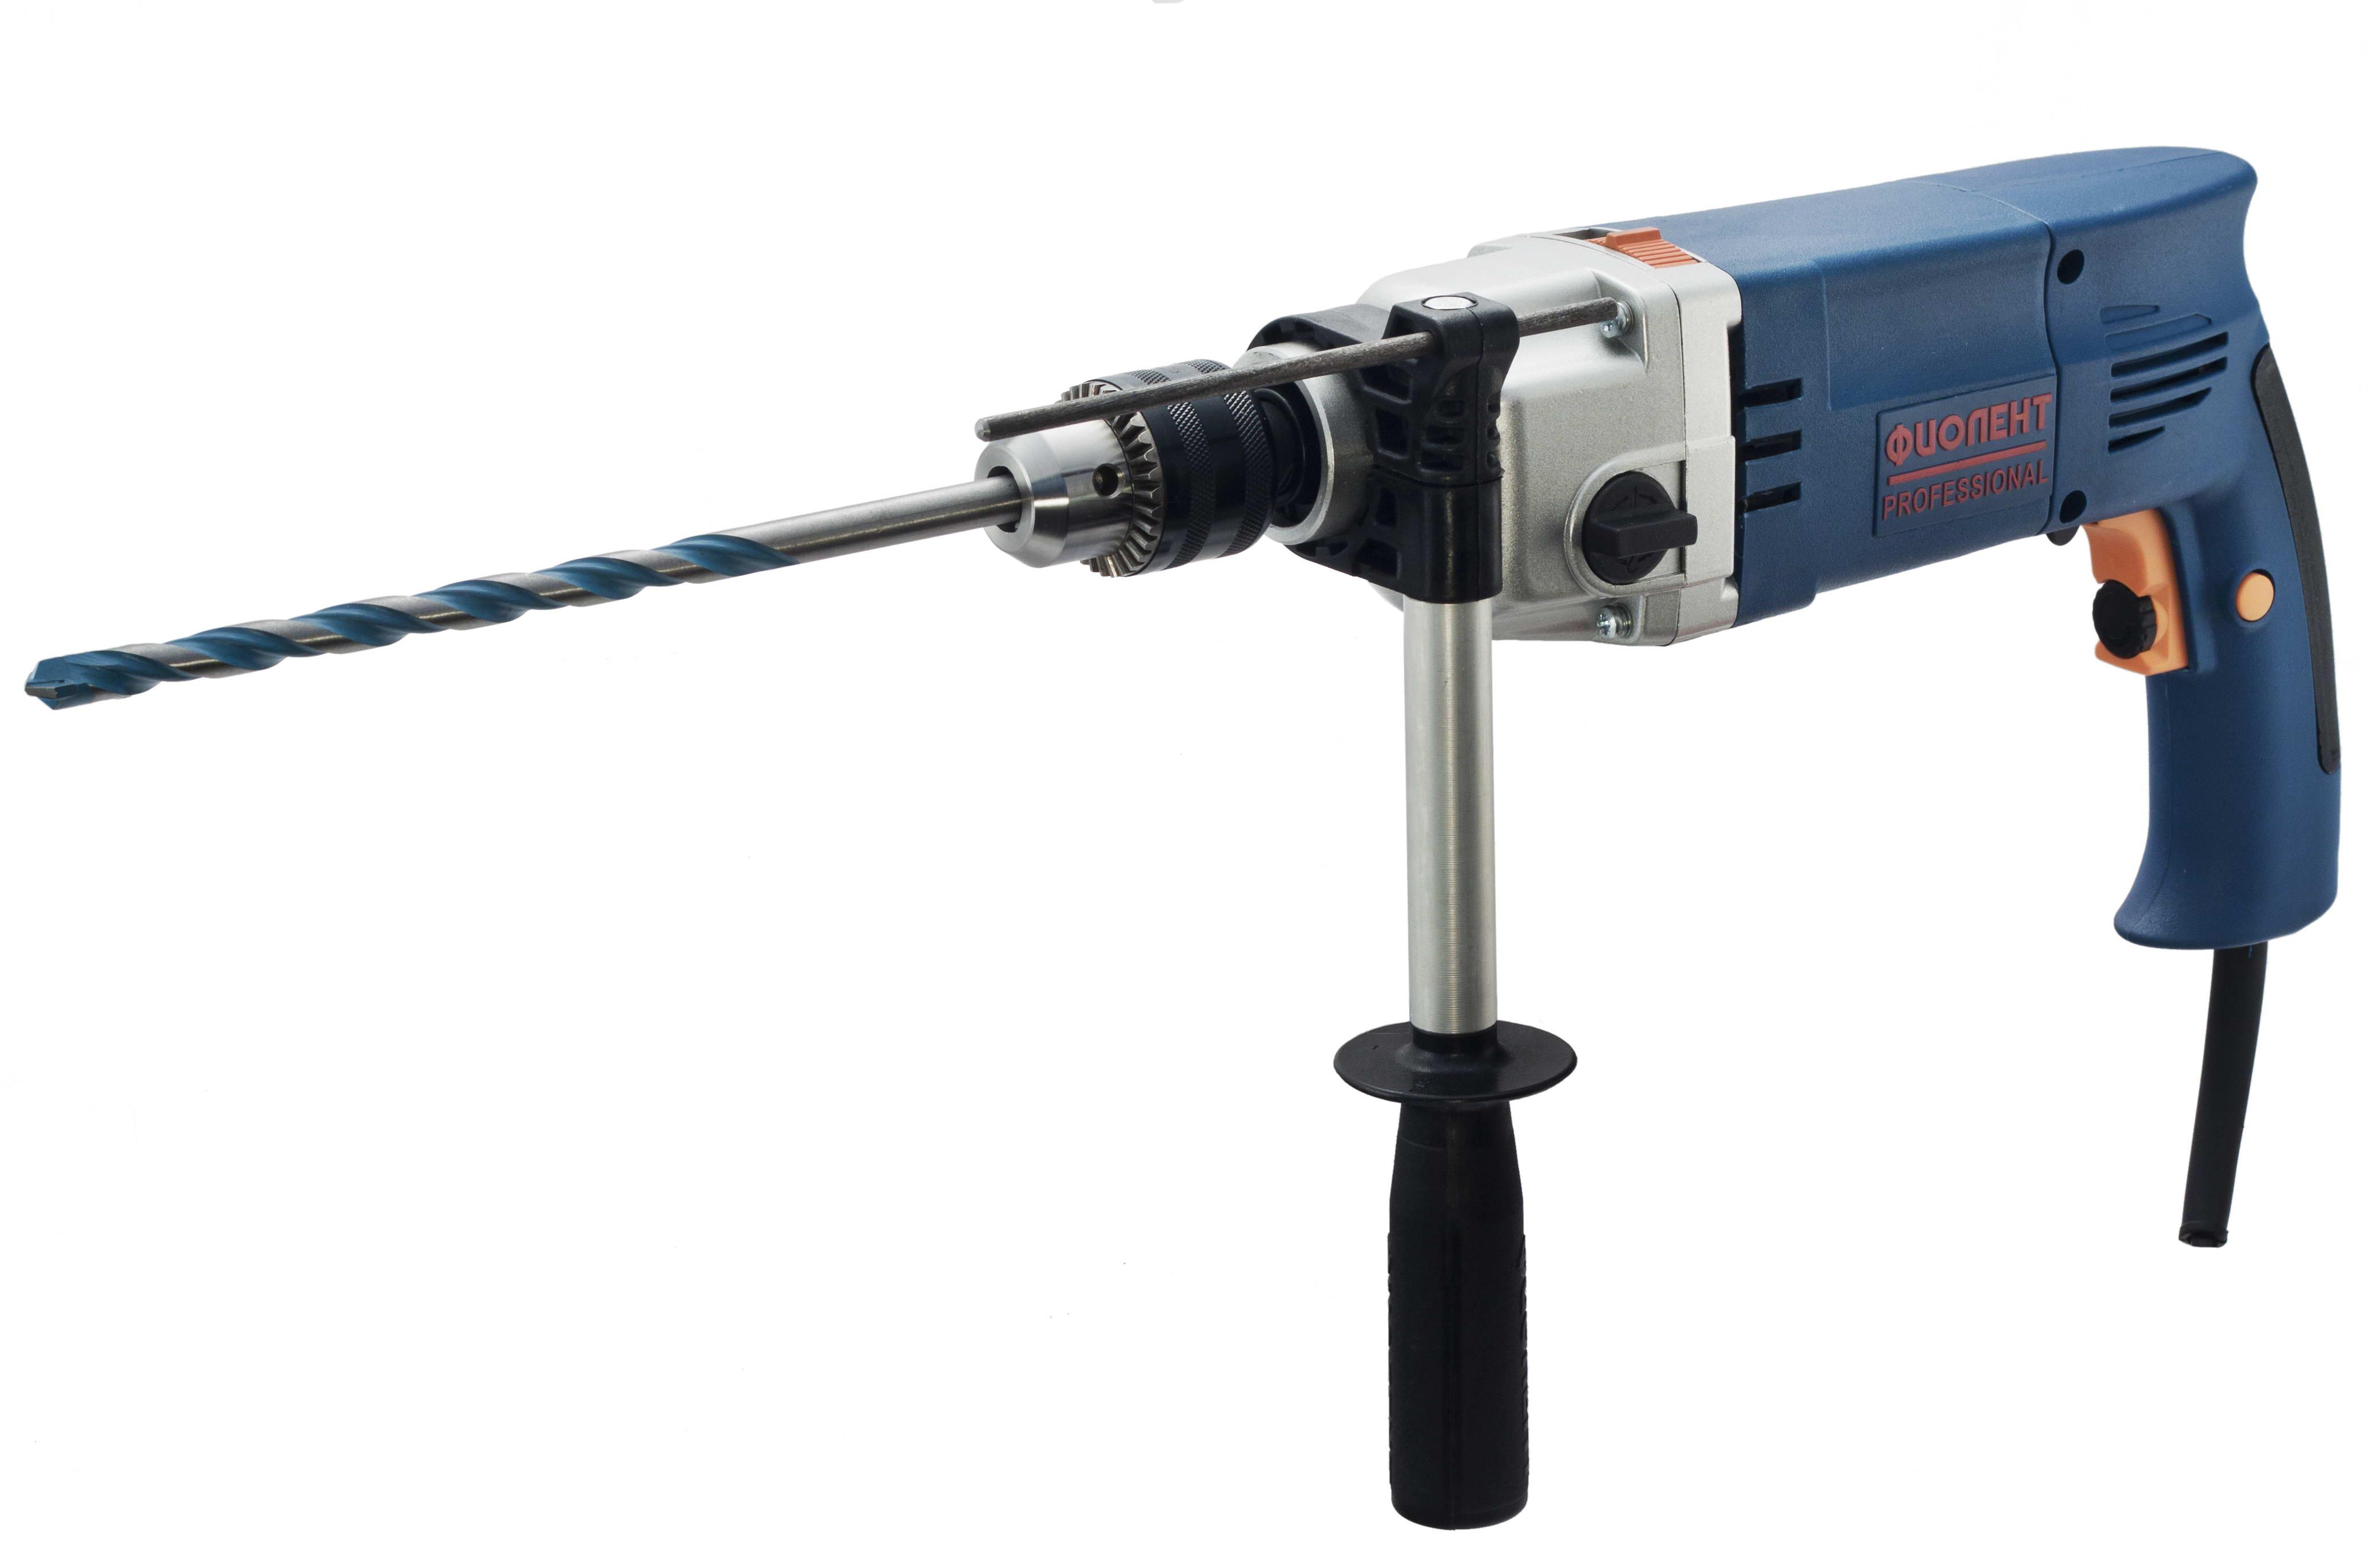 Дрель ударная ФИОЛЕНТДрели ударные<br>Мощность: 1050,<br>Скорости: 2,<br>Обороты: 0-800/0-2000,<br>Макс. обороты: 2000,<br>Диаметр патрона: 16,<br>Тип патрона: ключевой,<br>Макс. диаметр сверления (металл): 16,<br>Макс. диаметр сверления (дерево): 30,<br>Макс. диаметр сверления (камень): 24,<br>Две и более механических скоростей: есть,<br>Электронная регулировка числа оборотов: есть,<br>Реверс: есть,<br>Вес нетто: 2.4,<br>Поставляется в: кейсе,<br>Страна происхождения: Россия<br>